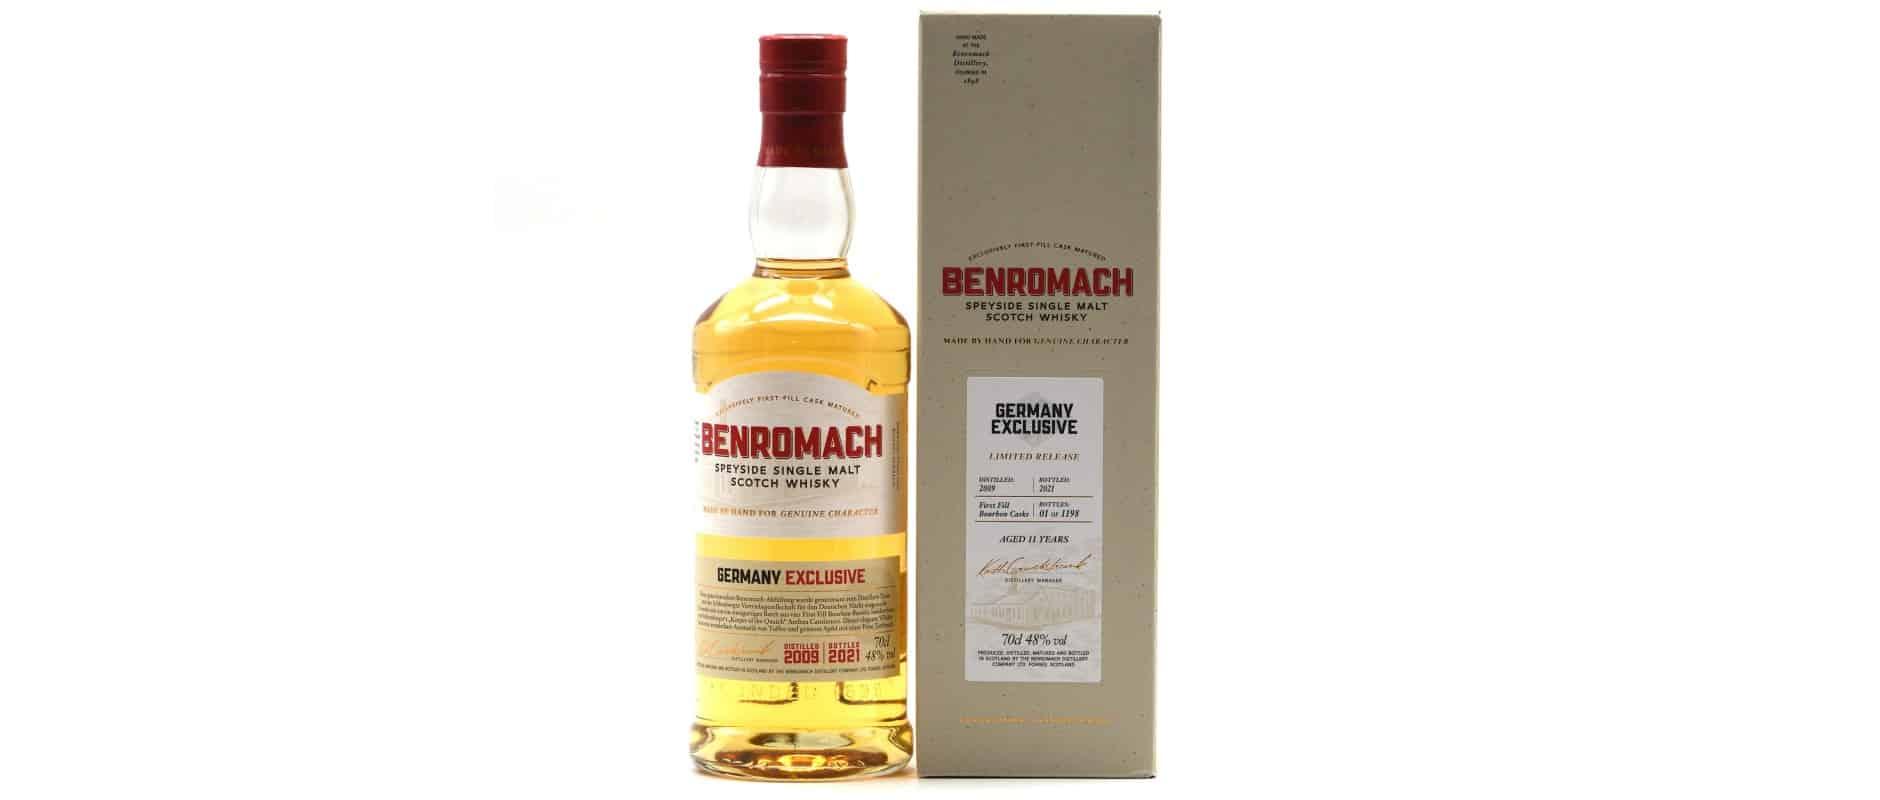 benromach 2009 11yo germany exclusive